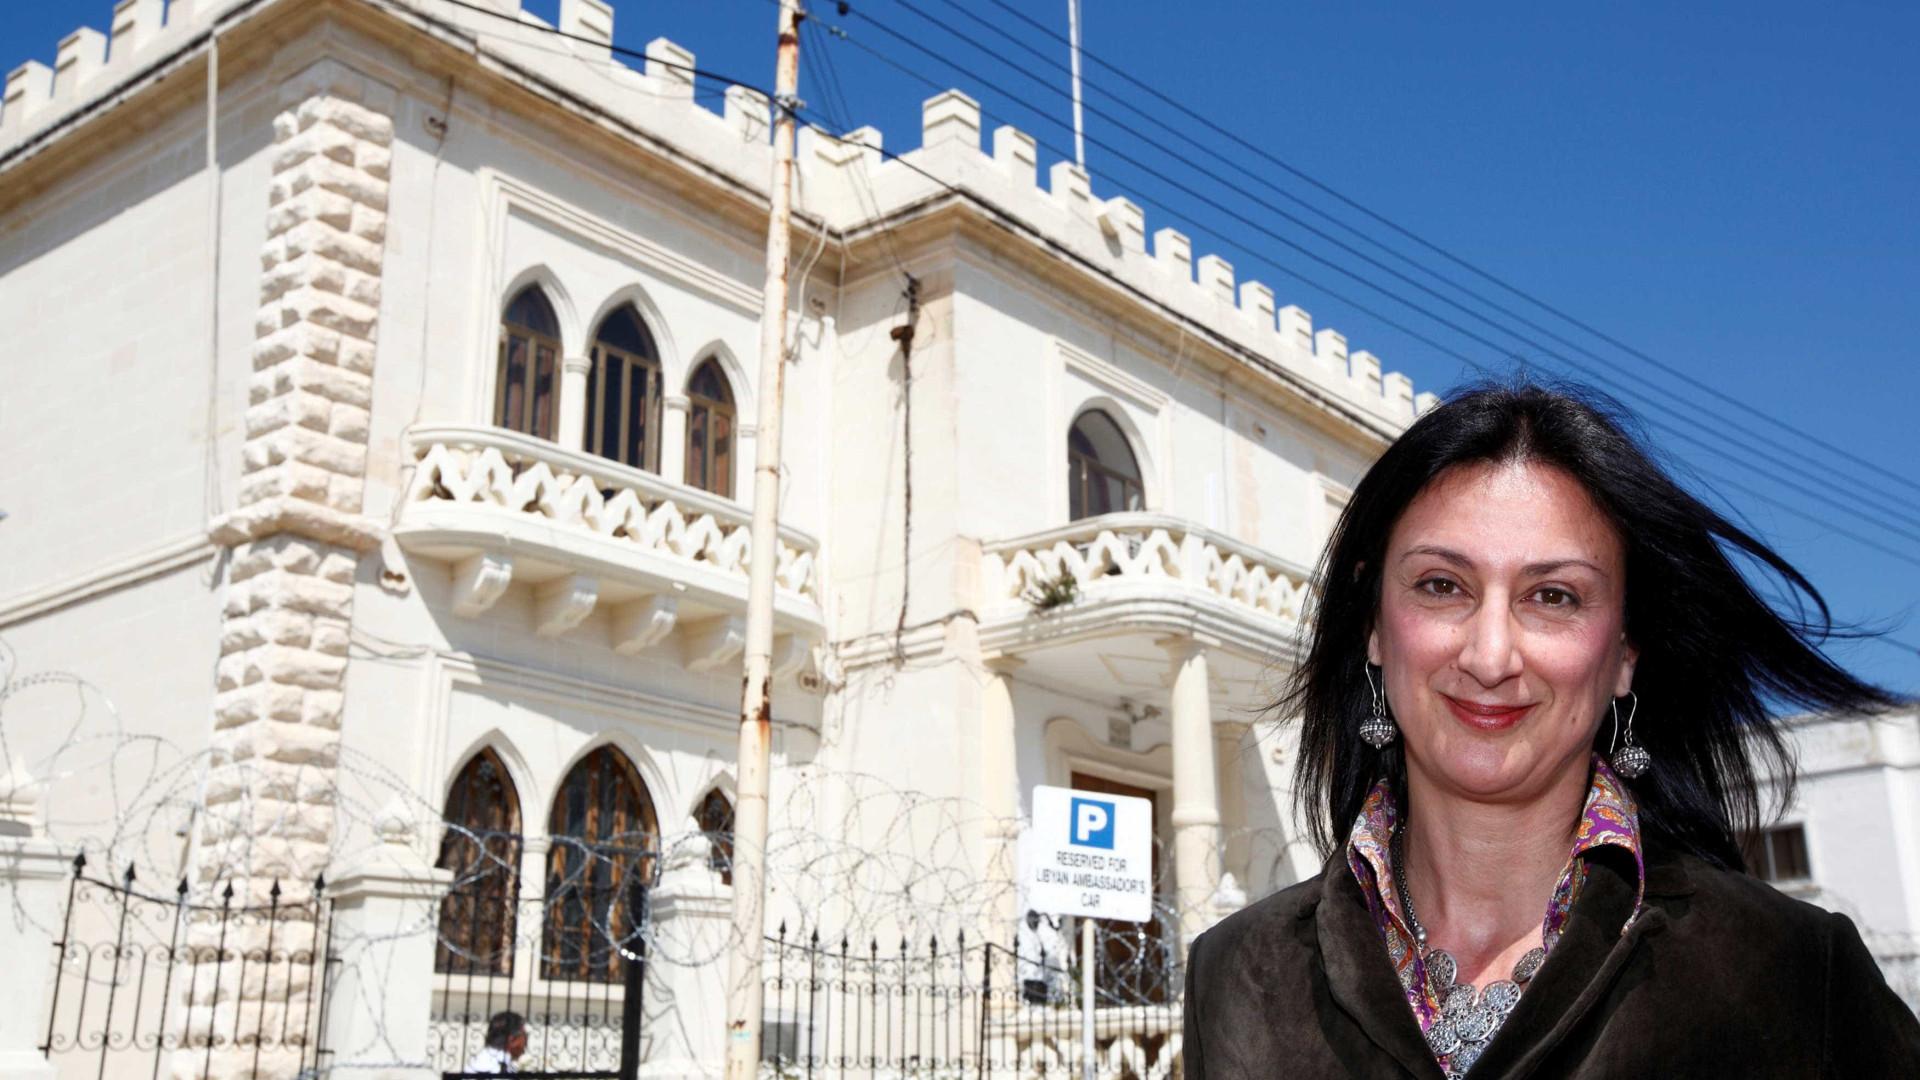 Morte de jornalista. Eurodeputados debatem Estado de direito em Malta